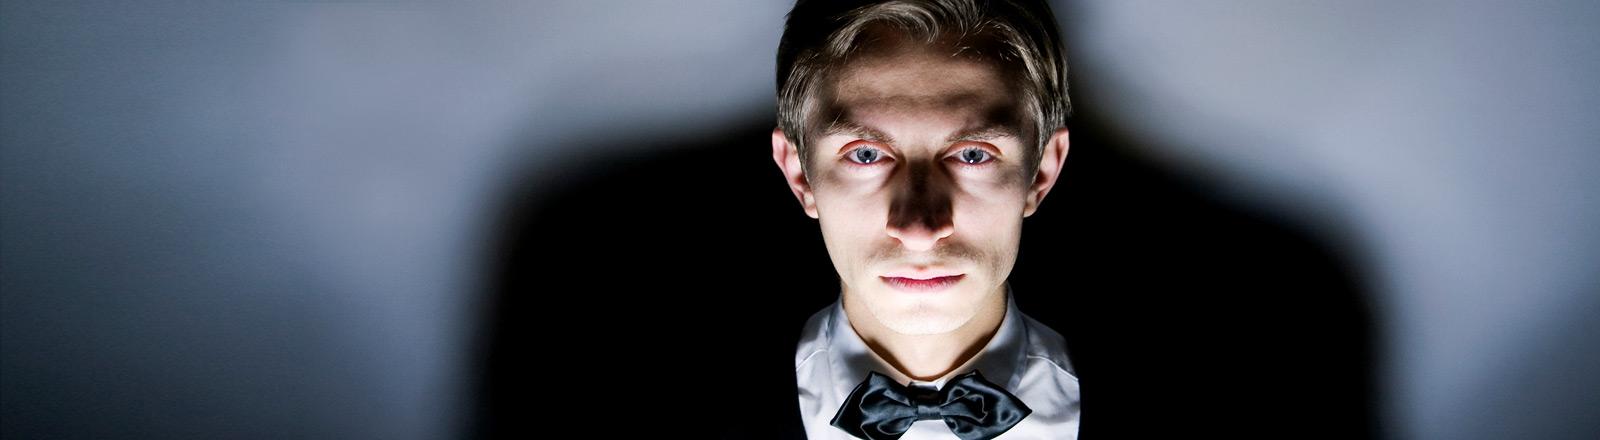 Ein bedrohlich wirkender junger Mann mit einem weißen Hemd und einer Fliege.